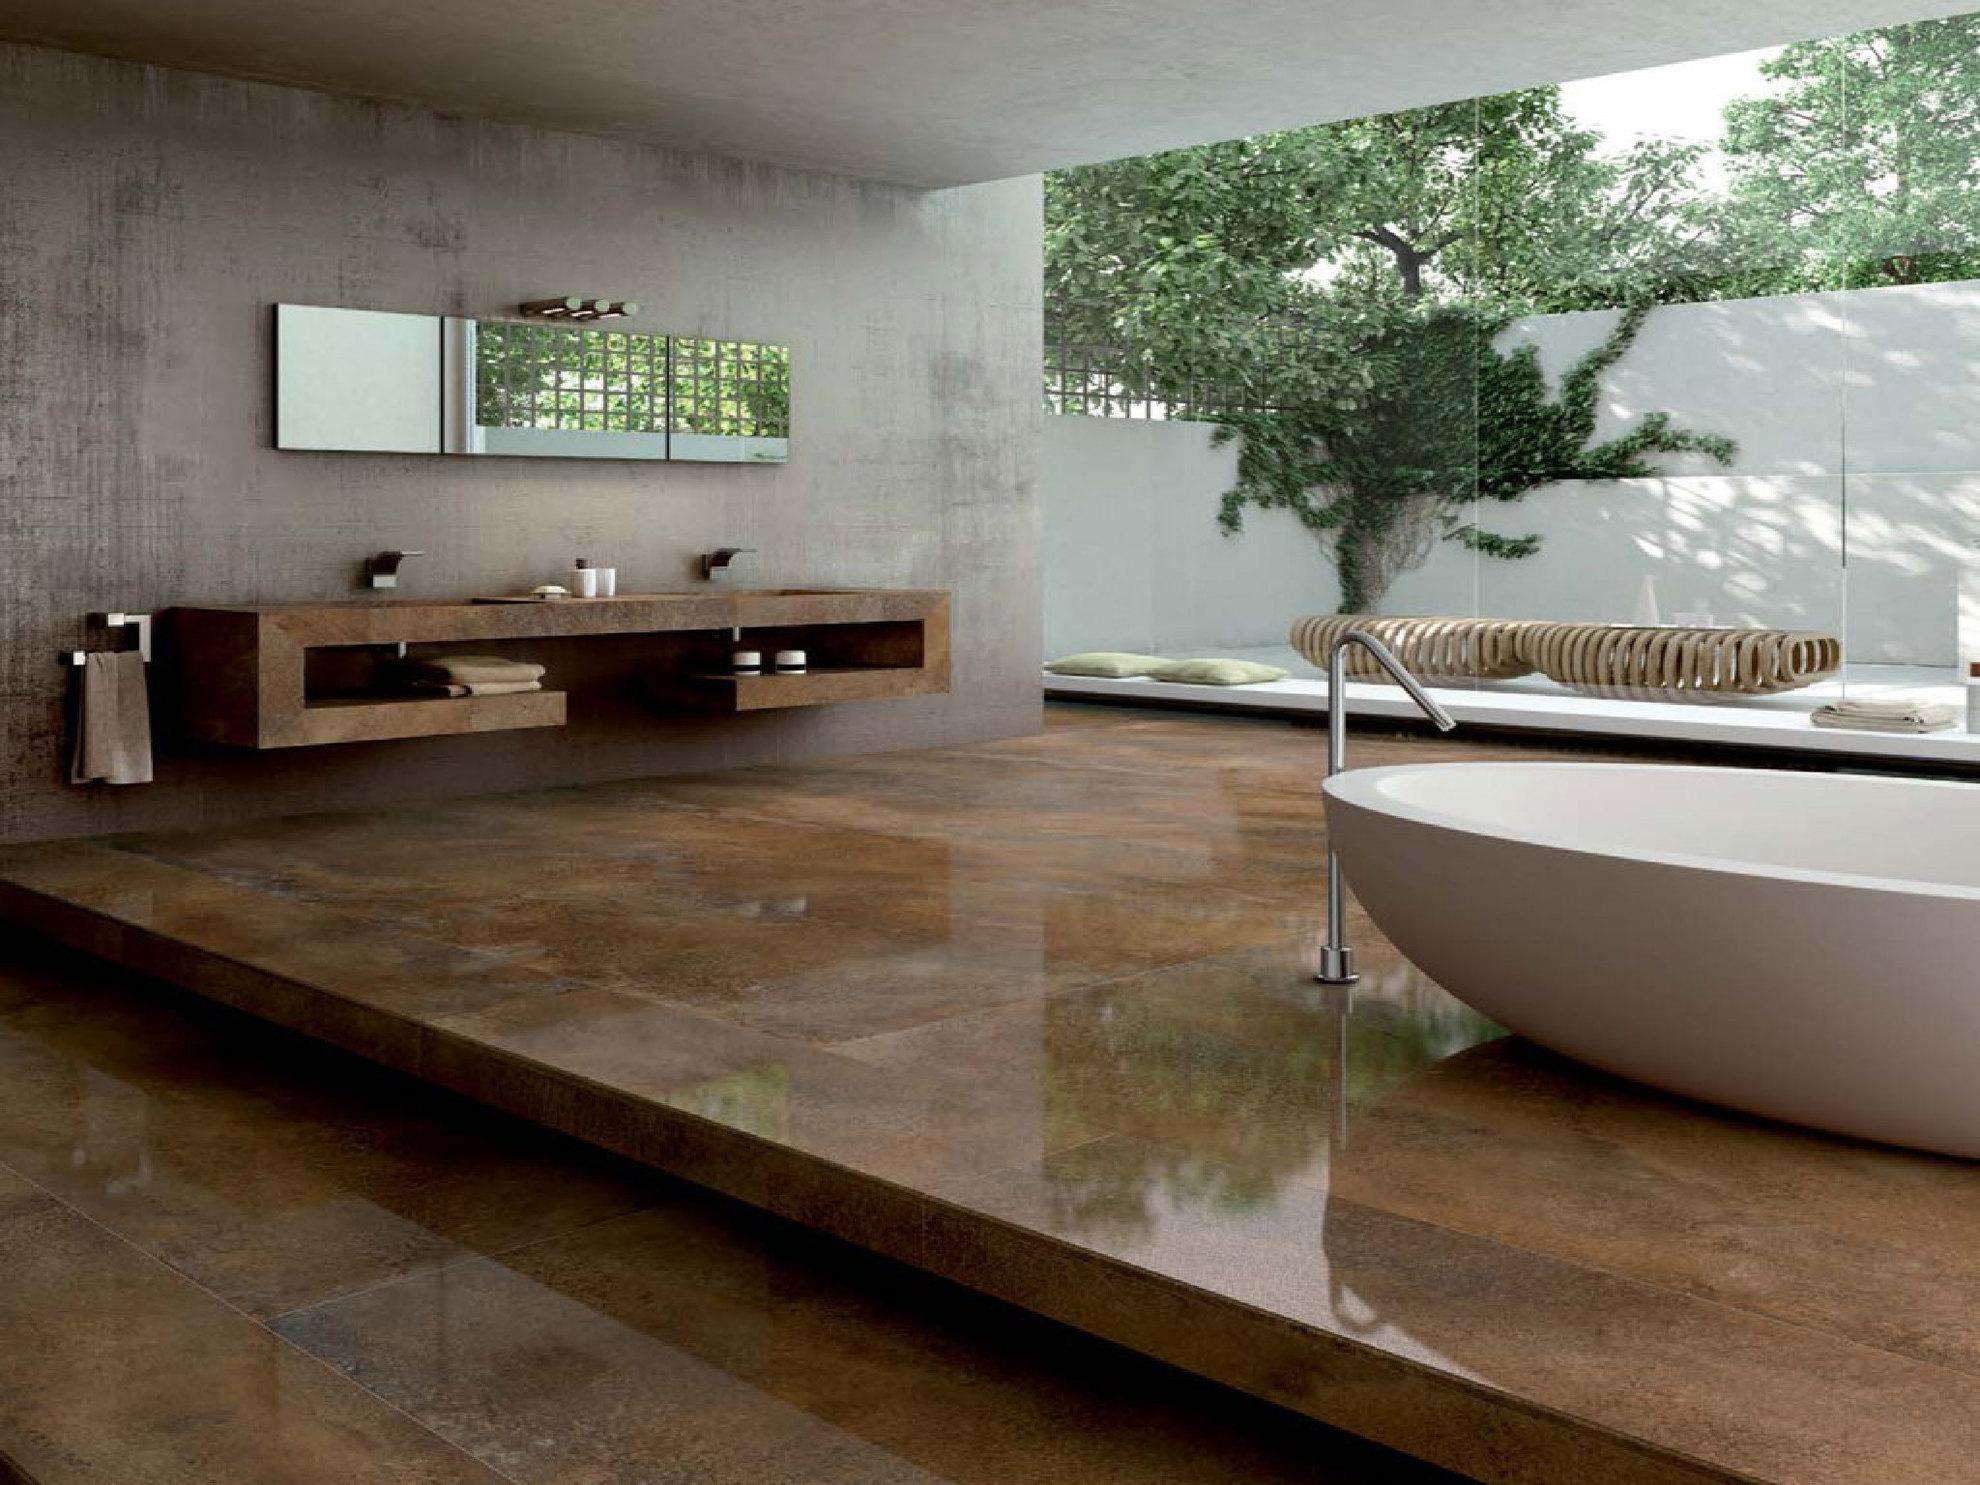 Piastrelle in gres per gli ambienti contemporanei floornature